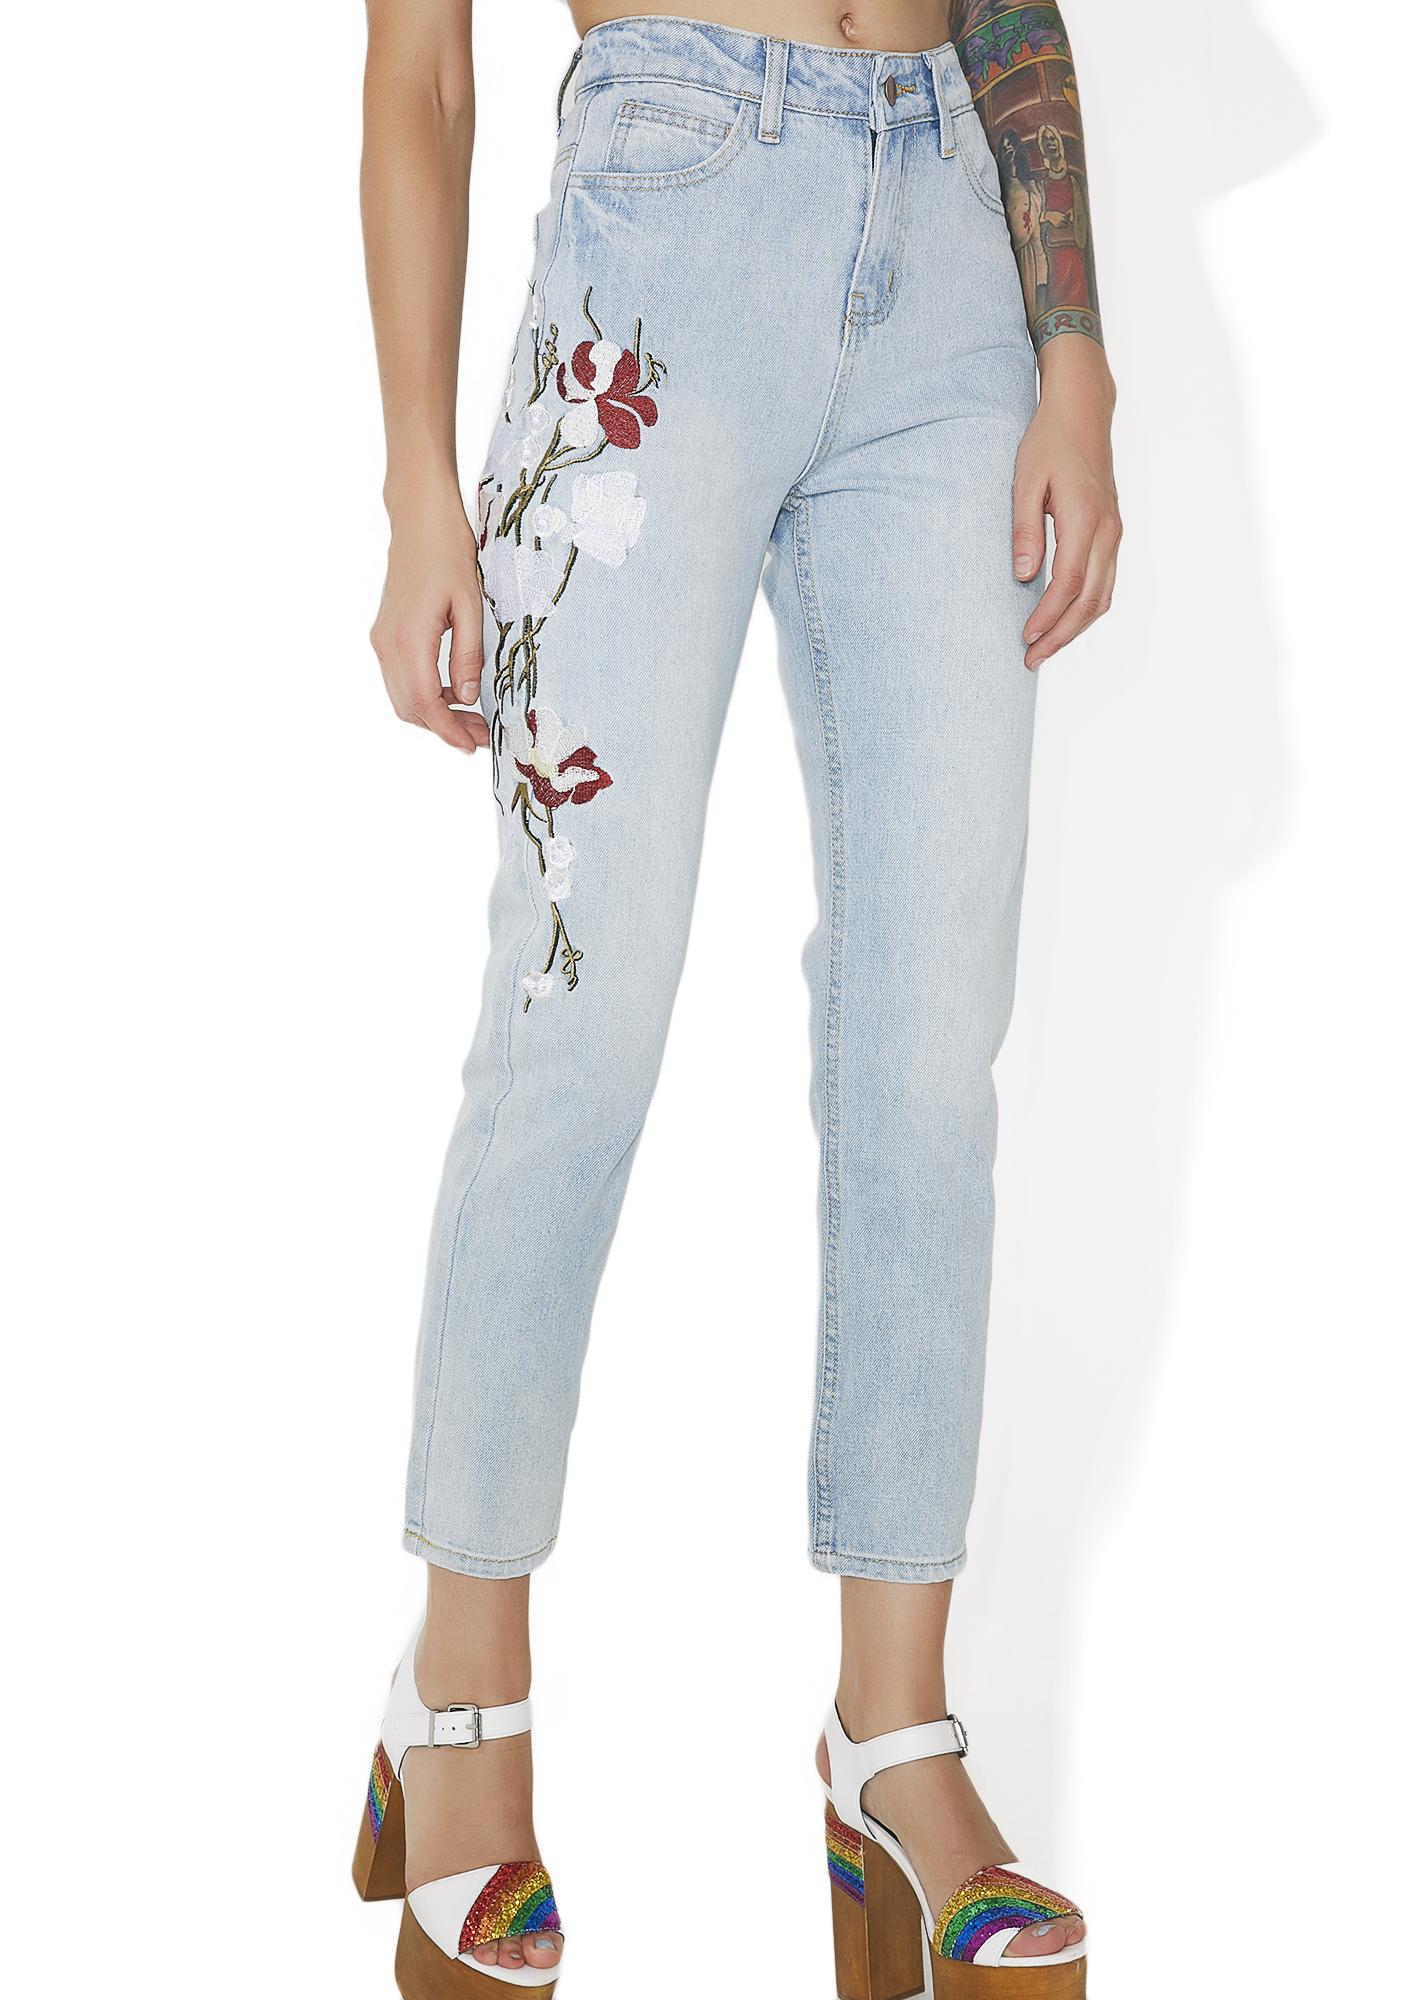 Floral Embroidered Light Blue Denim Jeans